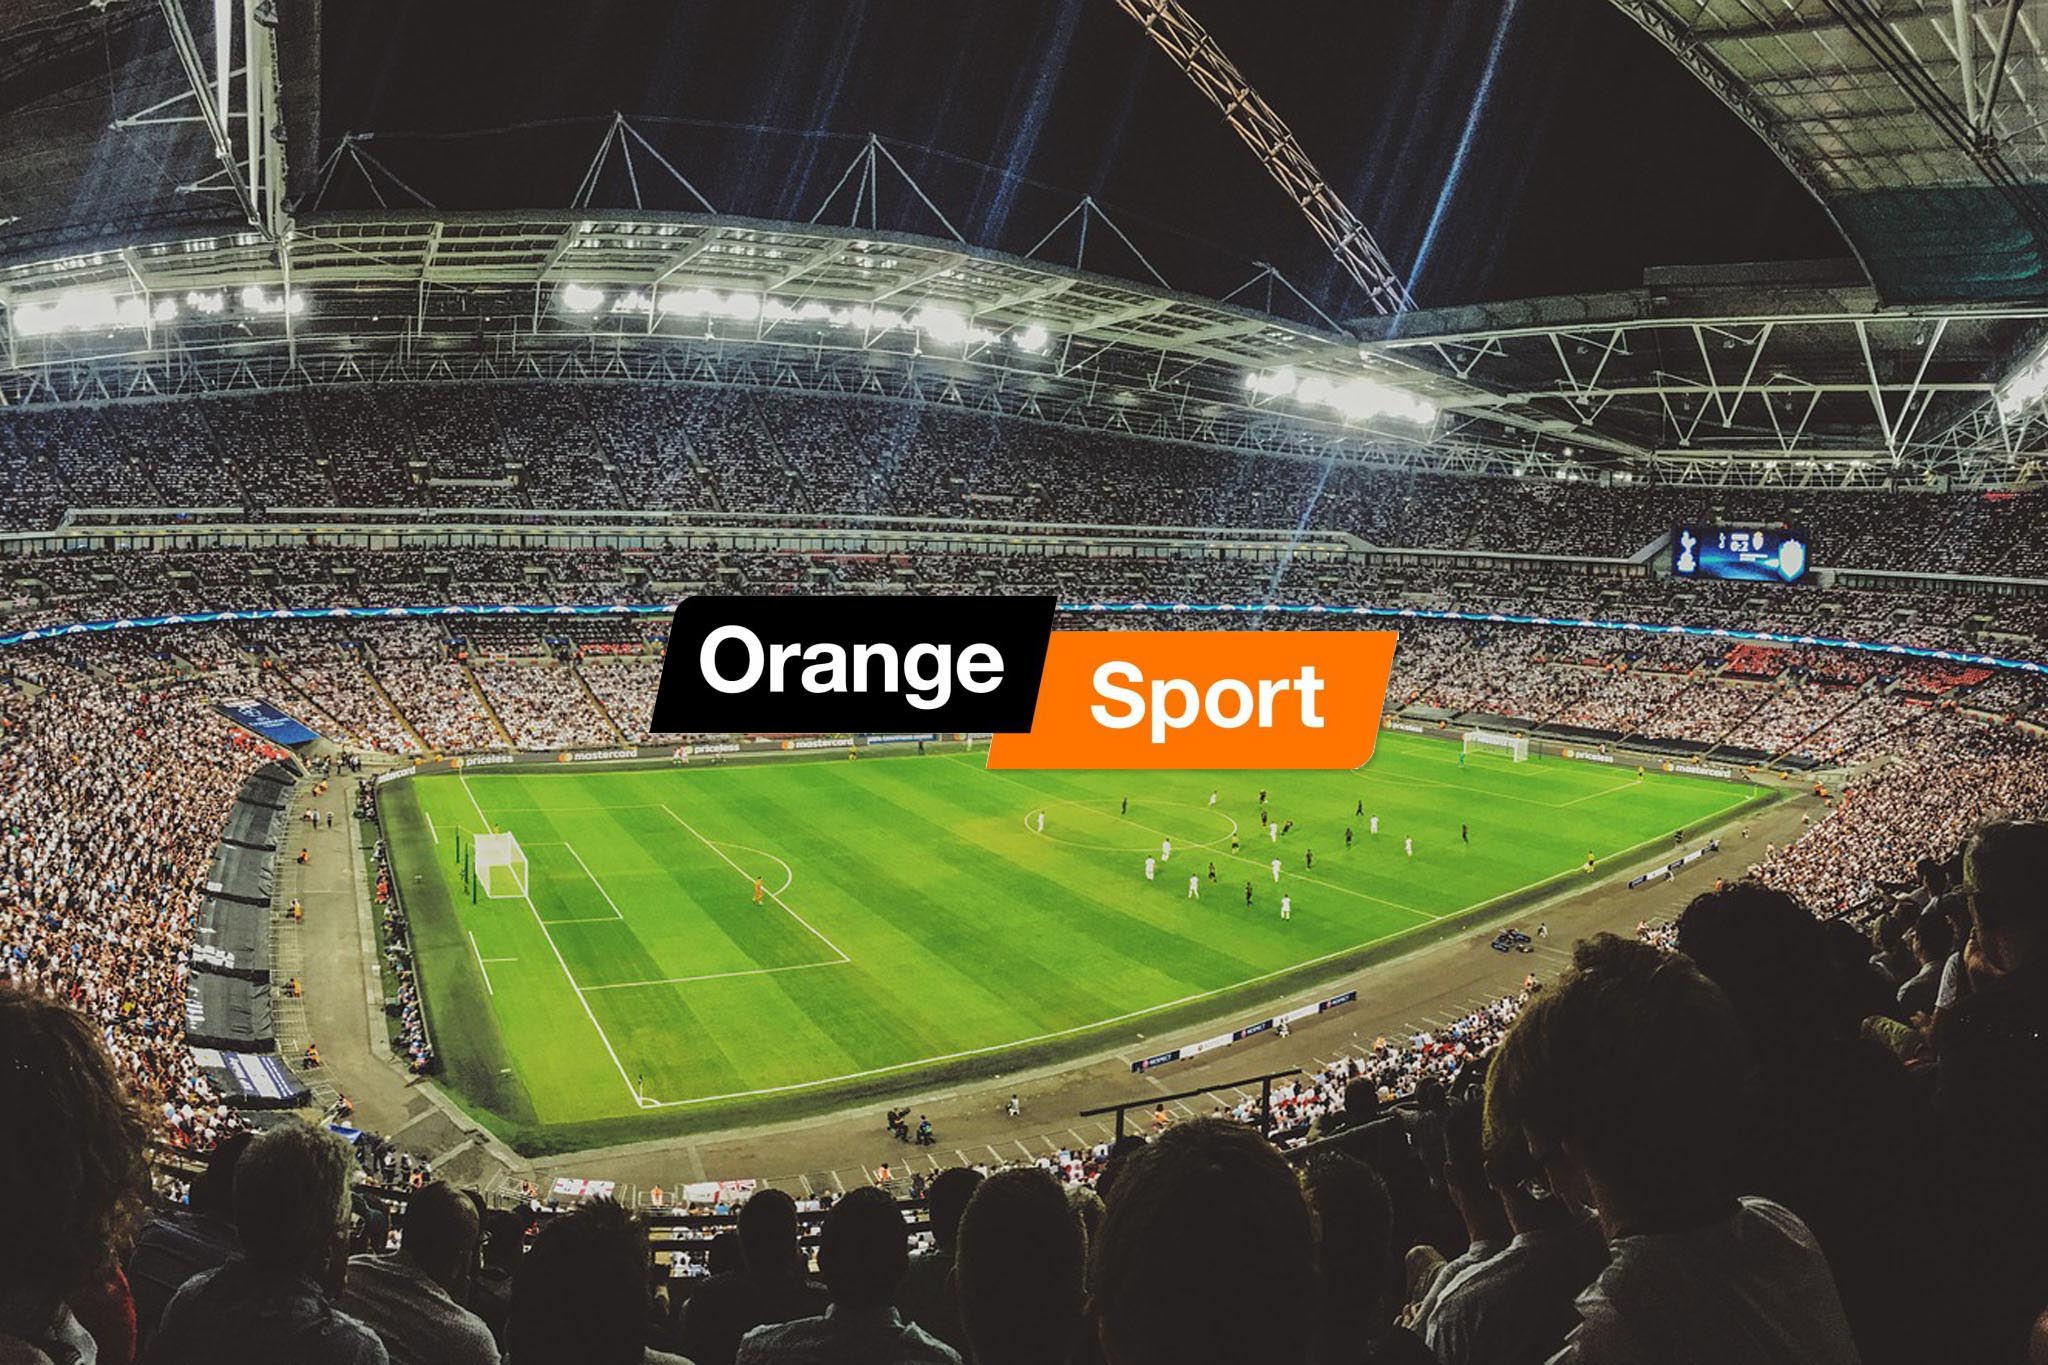 f8517fd6a Objeví se Orange sport na českém trhu? Vyloučené to není, tvrdí zástupci O2